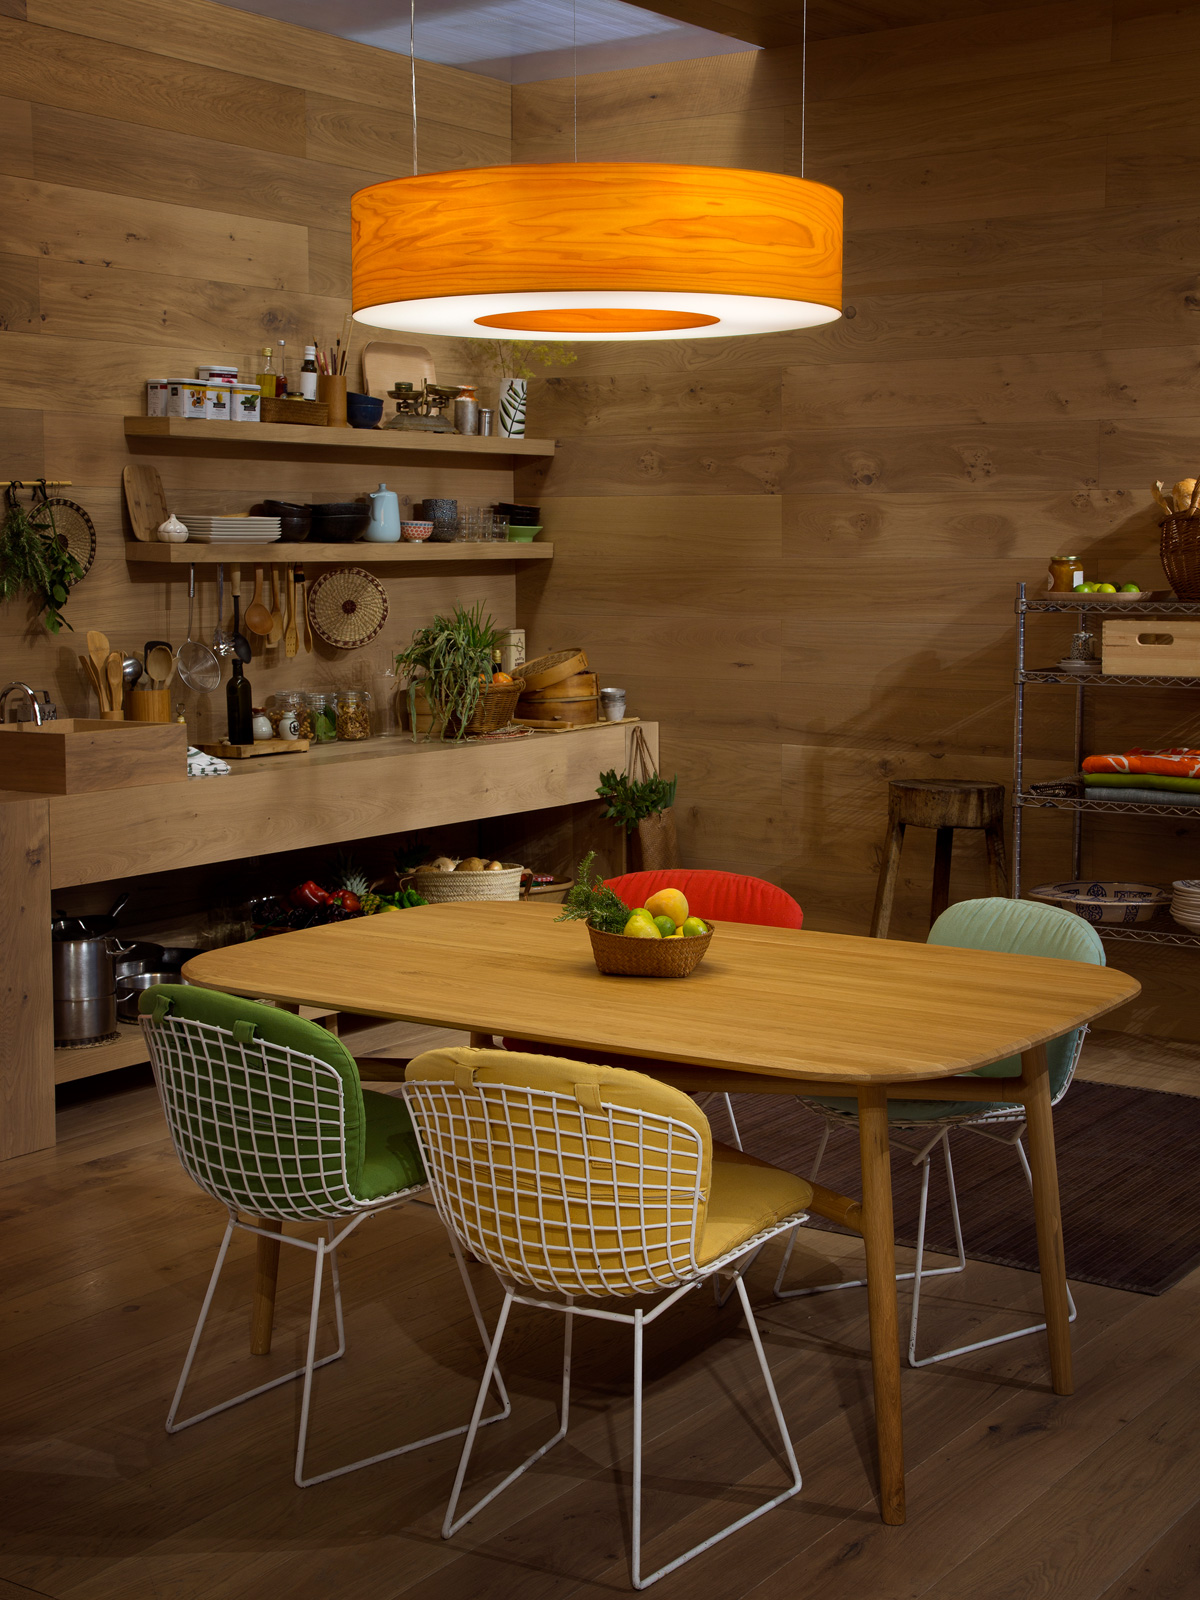 Saturnia LZF Holzleuchte in 11 Farben Handarbeit aus Spanien